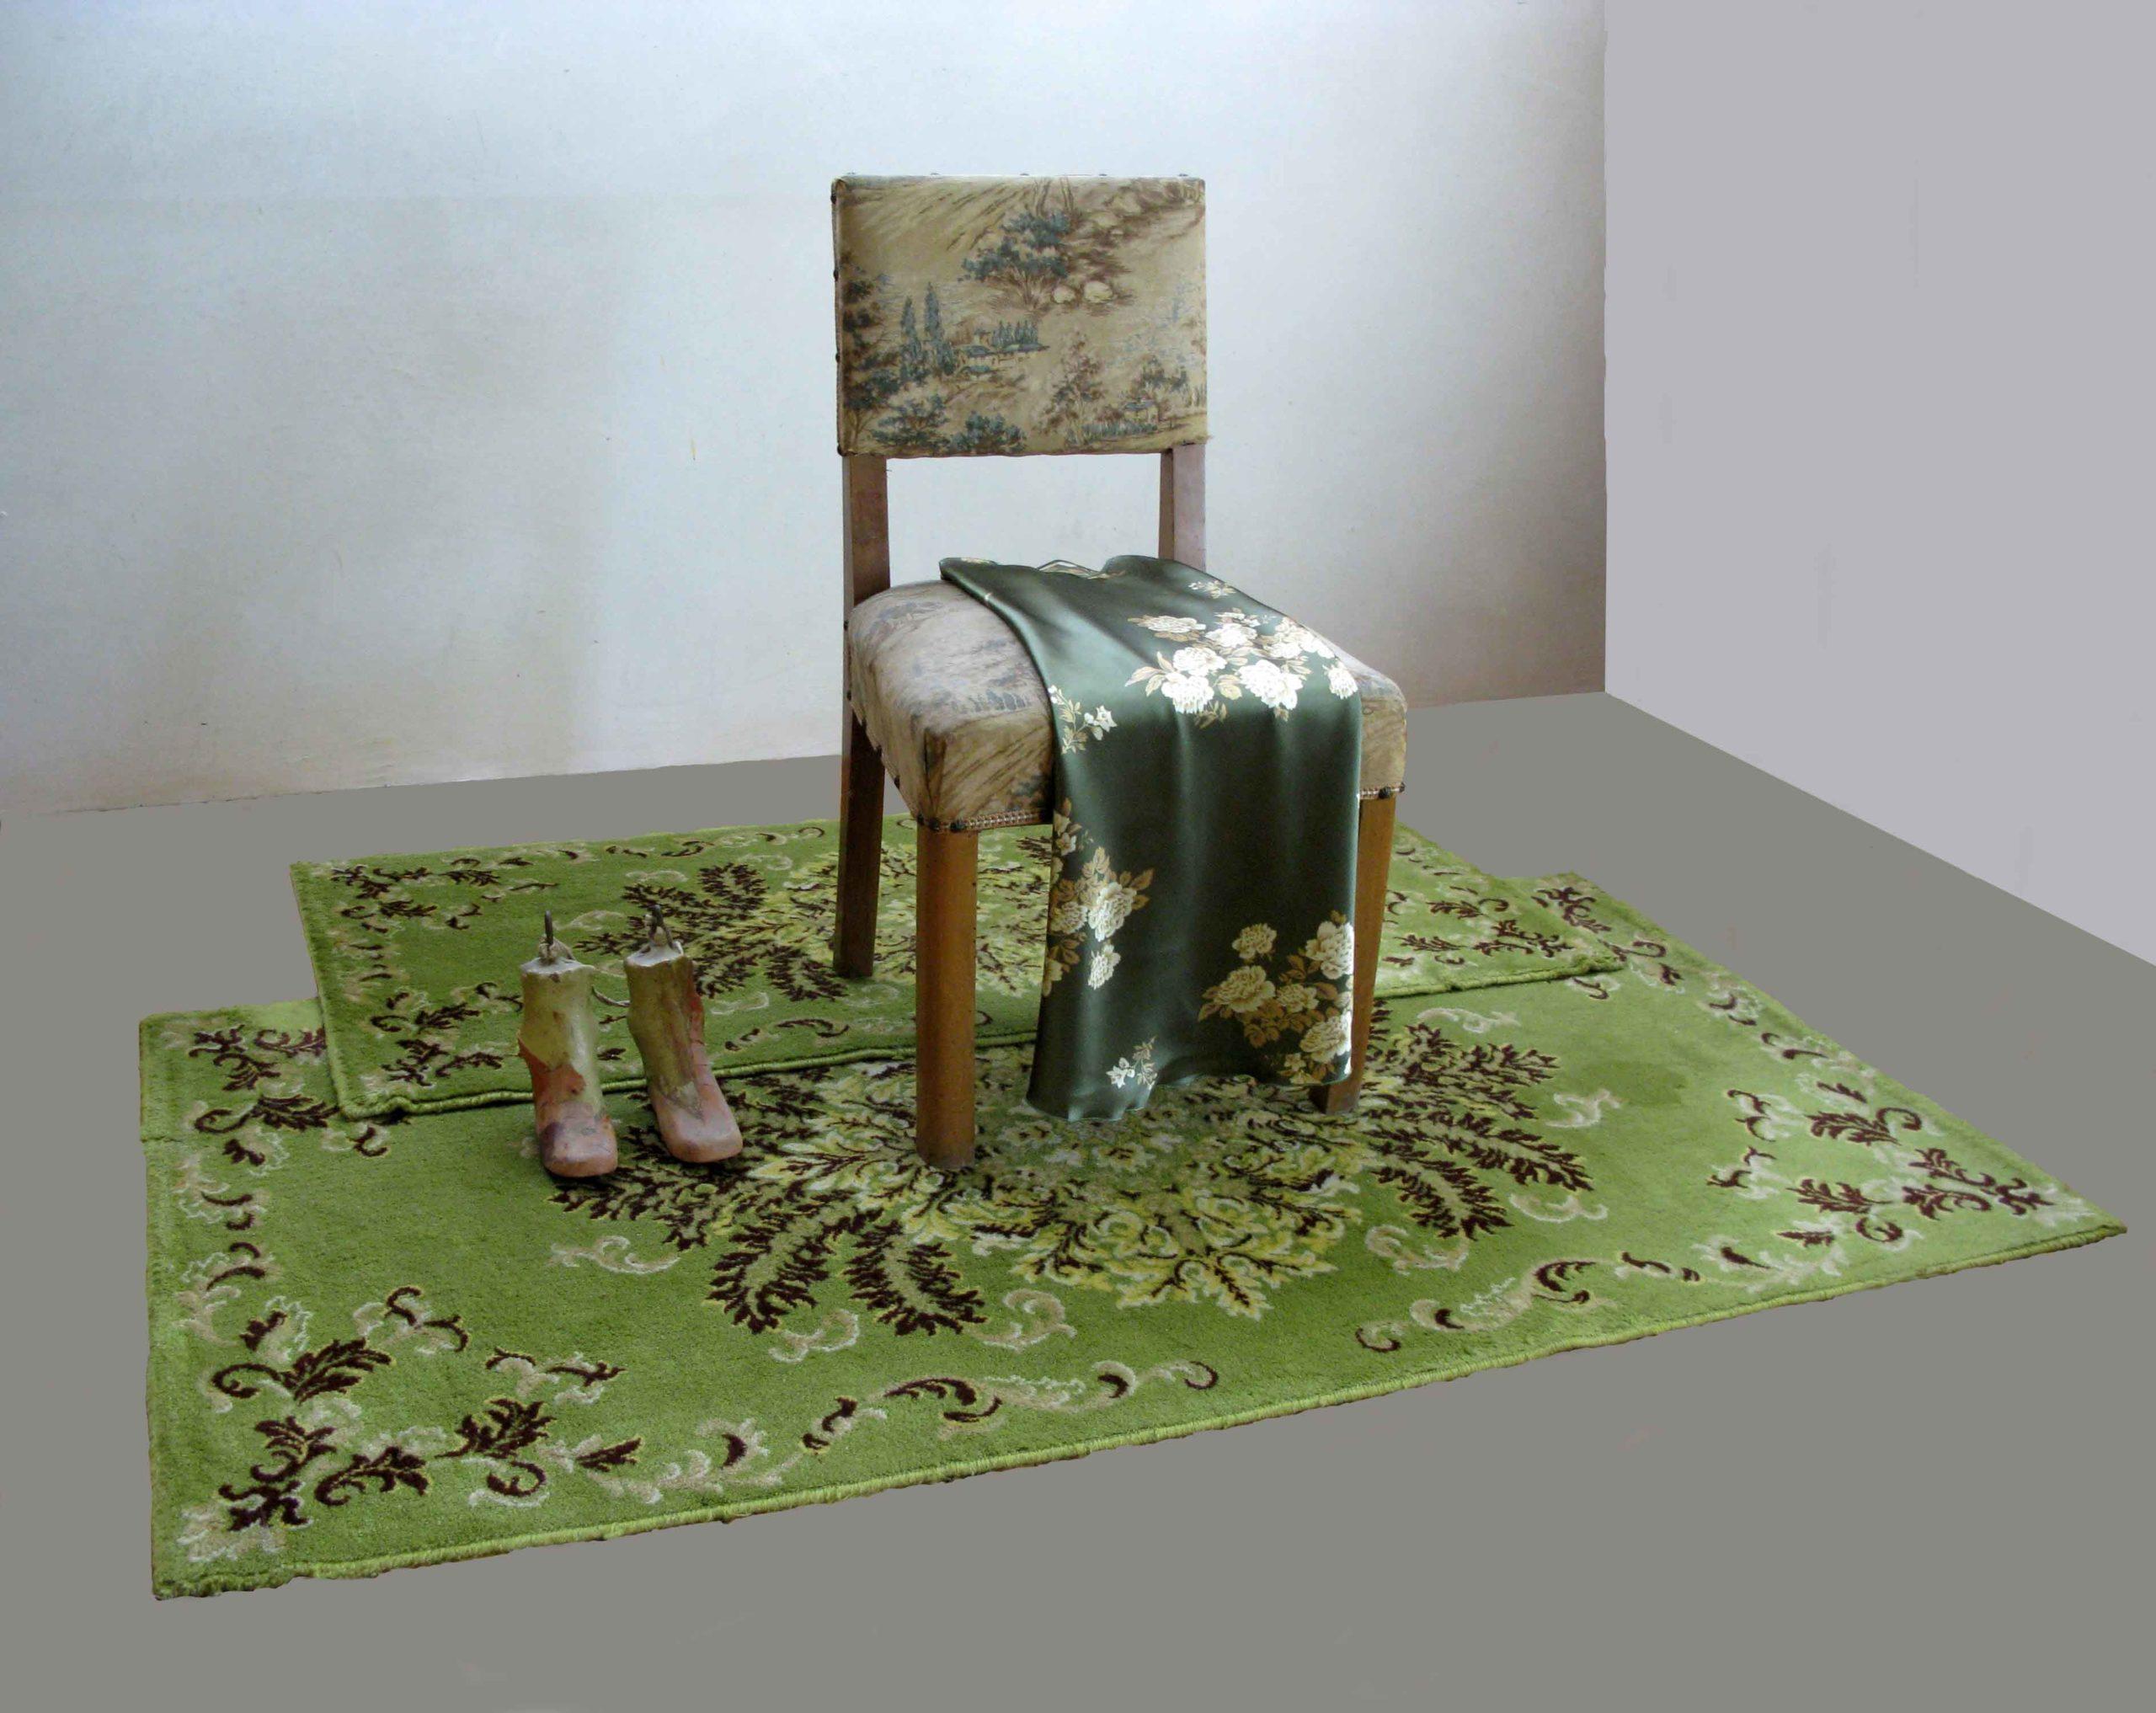 Composizione di Cristina Treppo con tappeti, sedia, vestito e calchi ortopedici